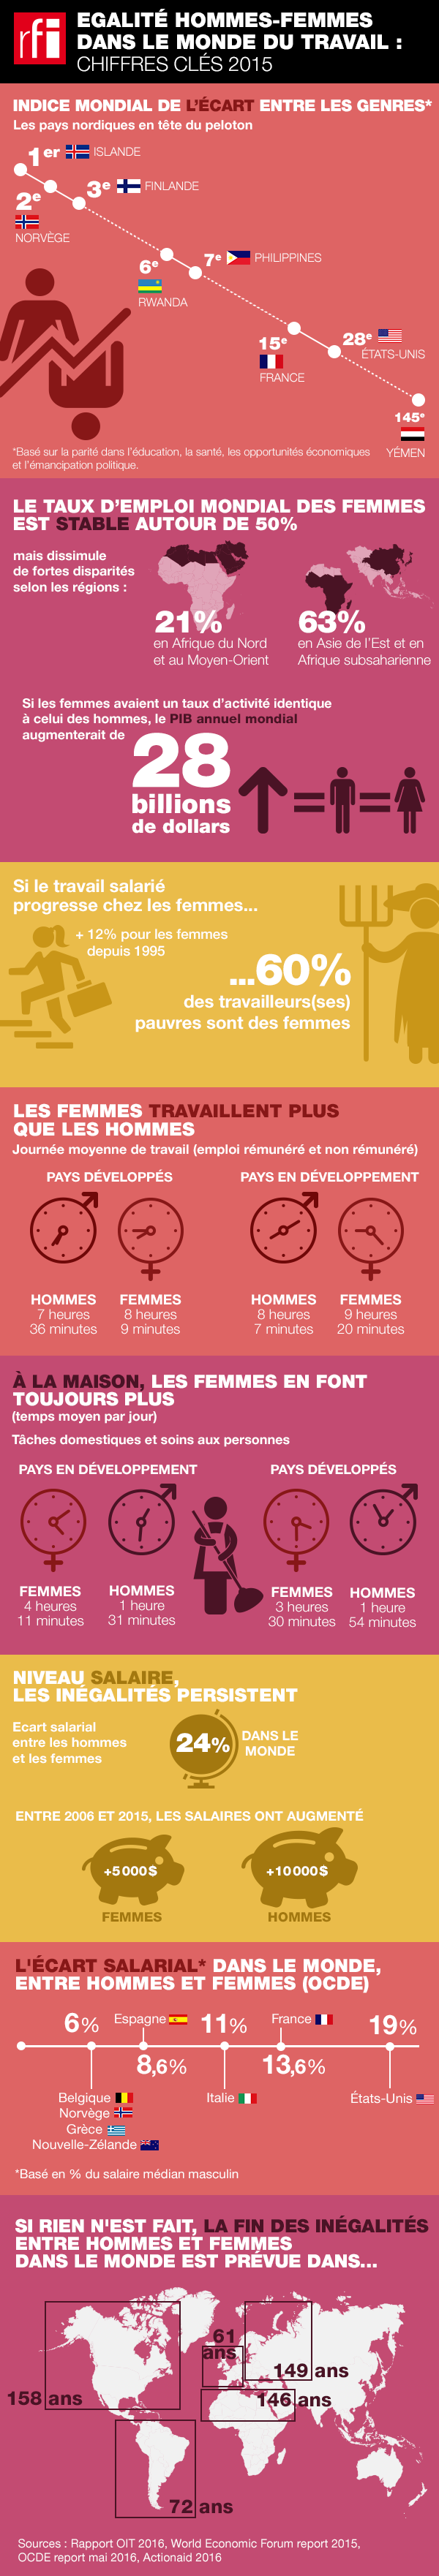 [Infographie] En chiffres, l'égalité hommes-femmes dans le monde du travail